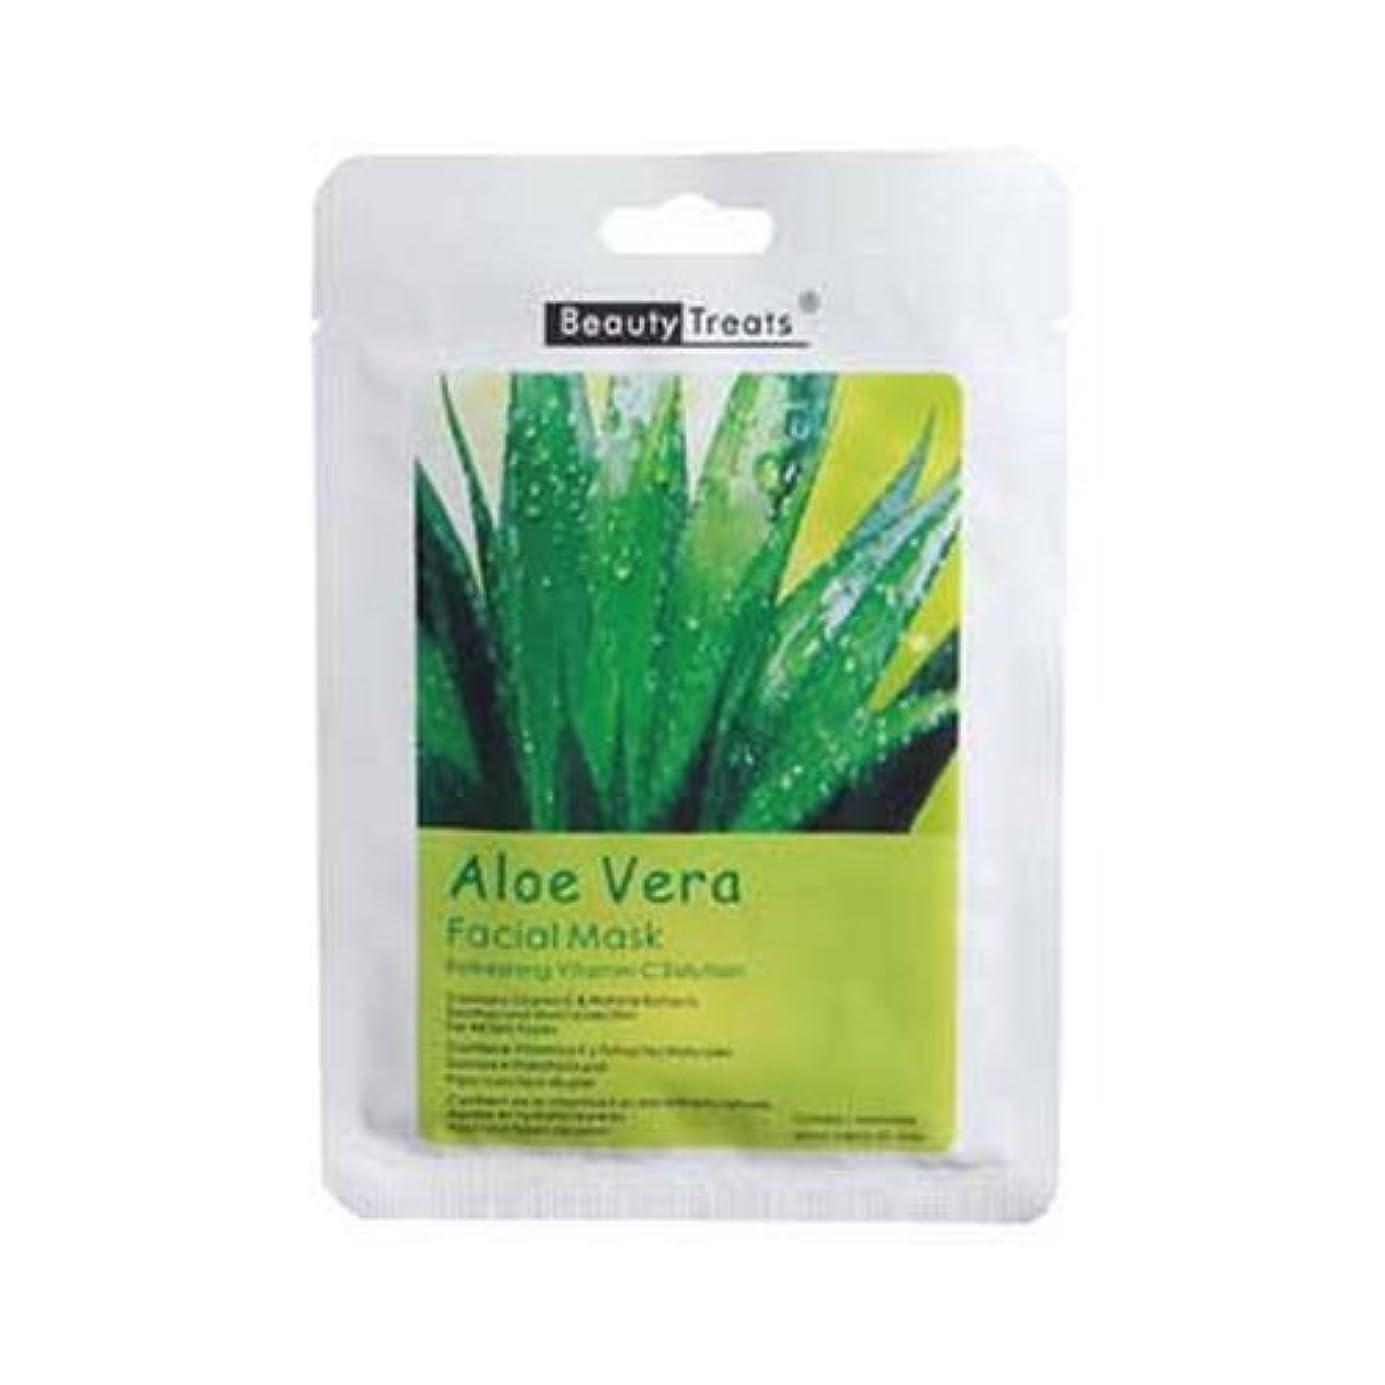 阻害する口述する造船(6 Pack) BEAUTY TREATS Facial Mask Refreshing Vitamin C Solution - Aloe Vera (並行輸入品)